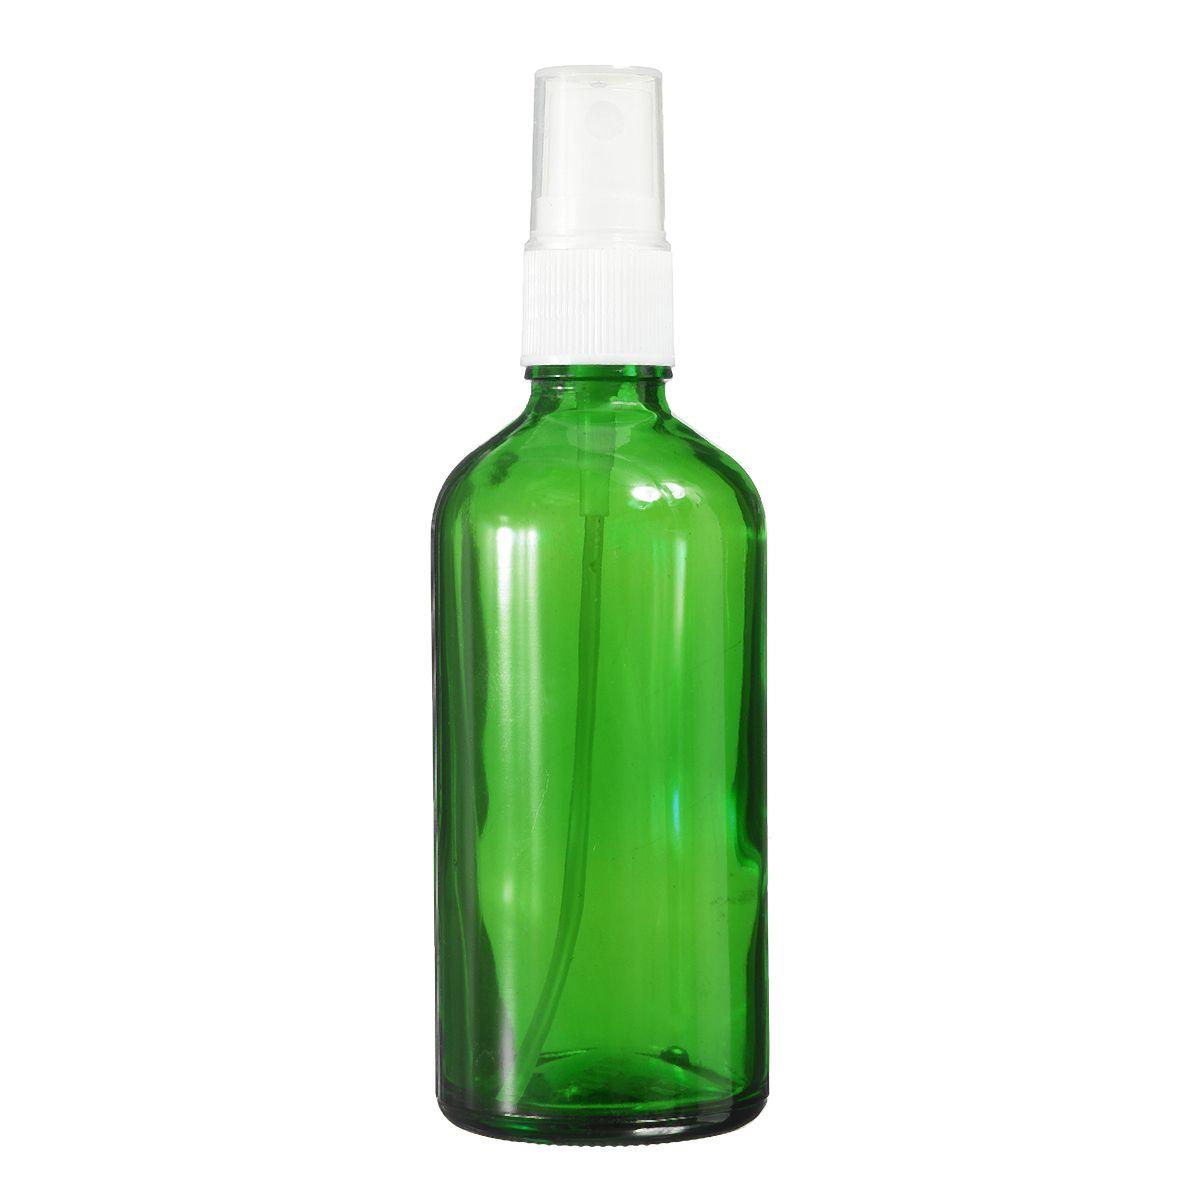 30 unids 100 ml Botella de aerosol de vidrio verde Blanco Fina Mist Pulverizador Aceite Esencial Líquido Perfume Vial Atomizador Envase Cosmético Vacío